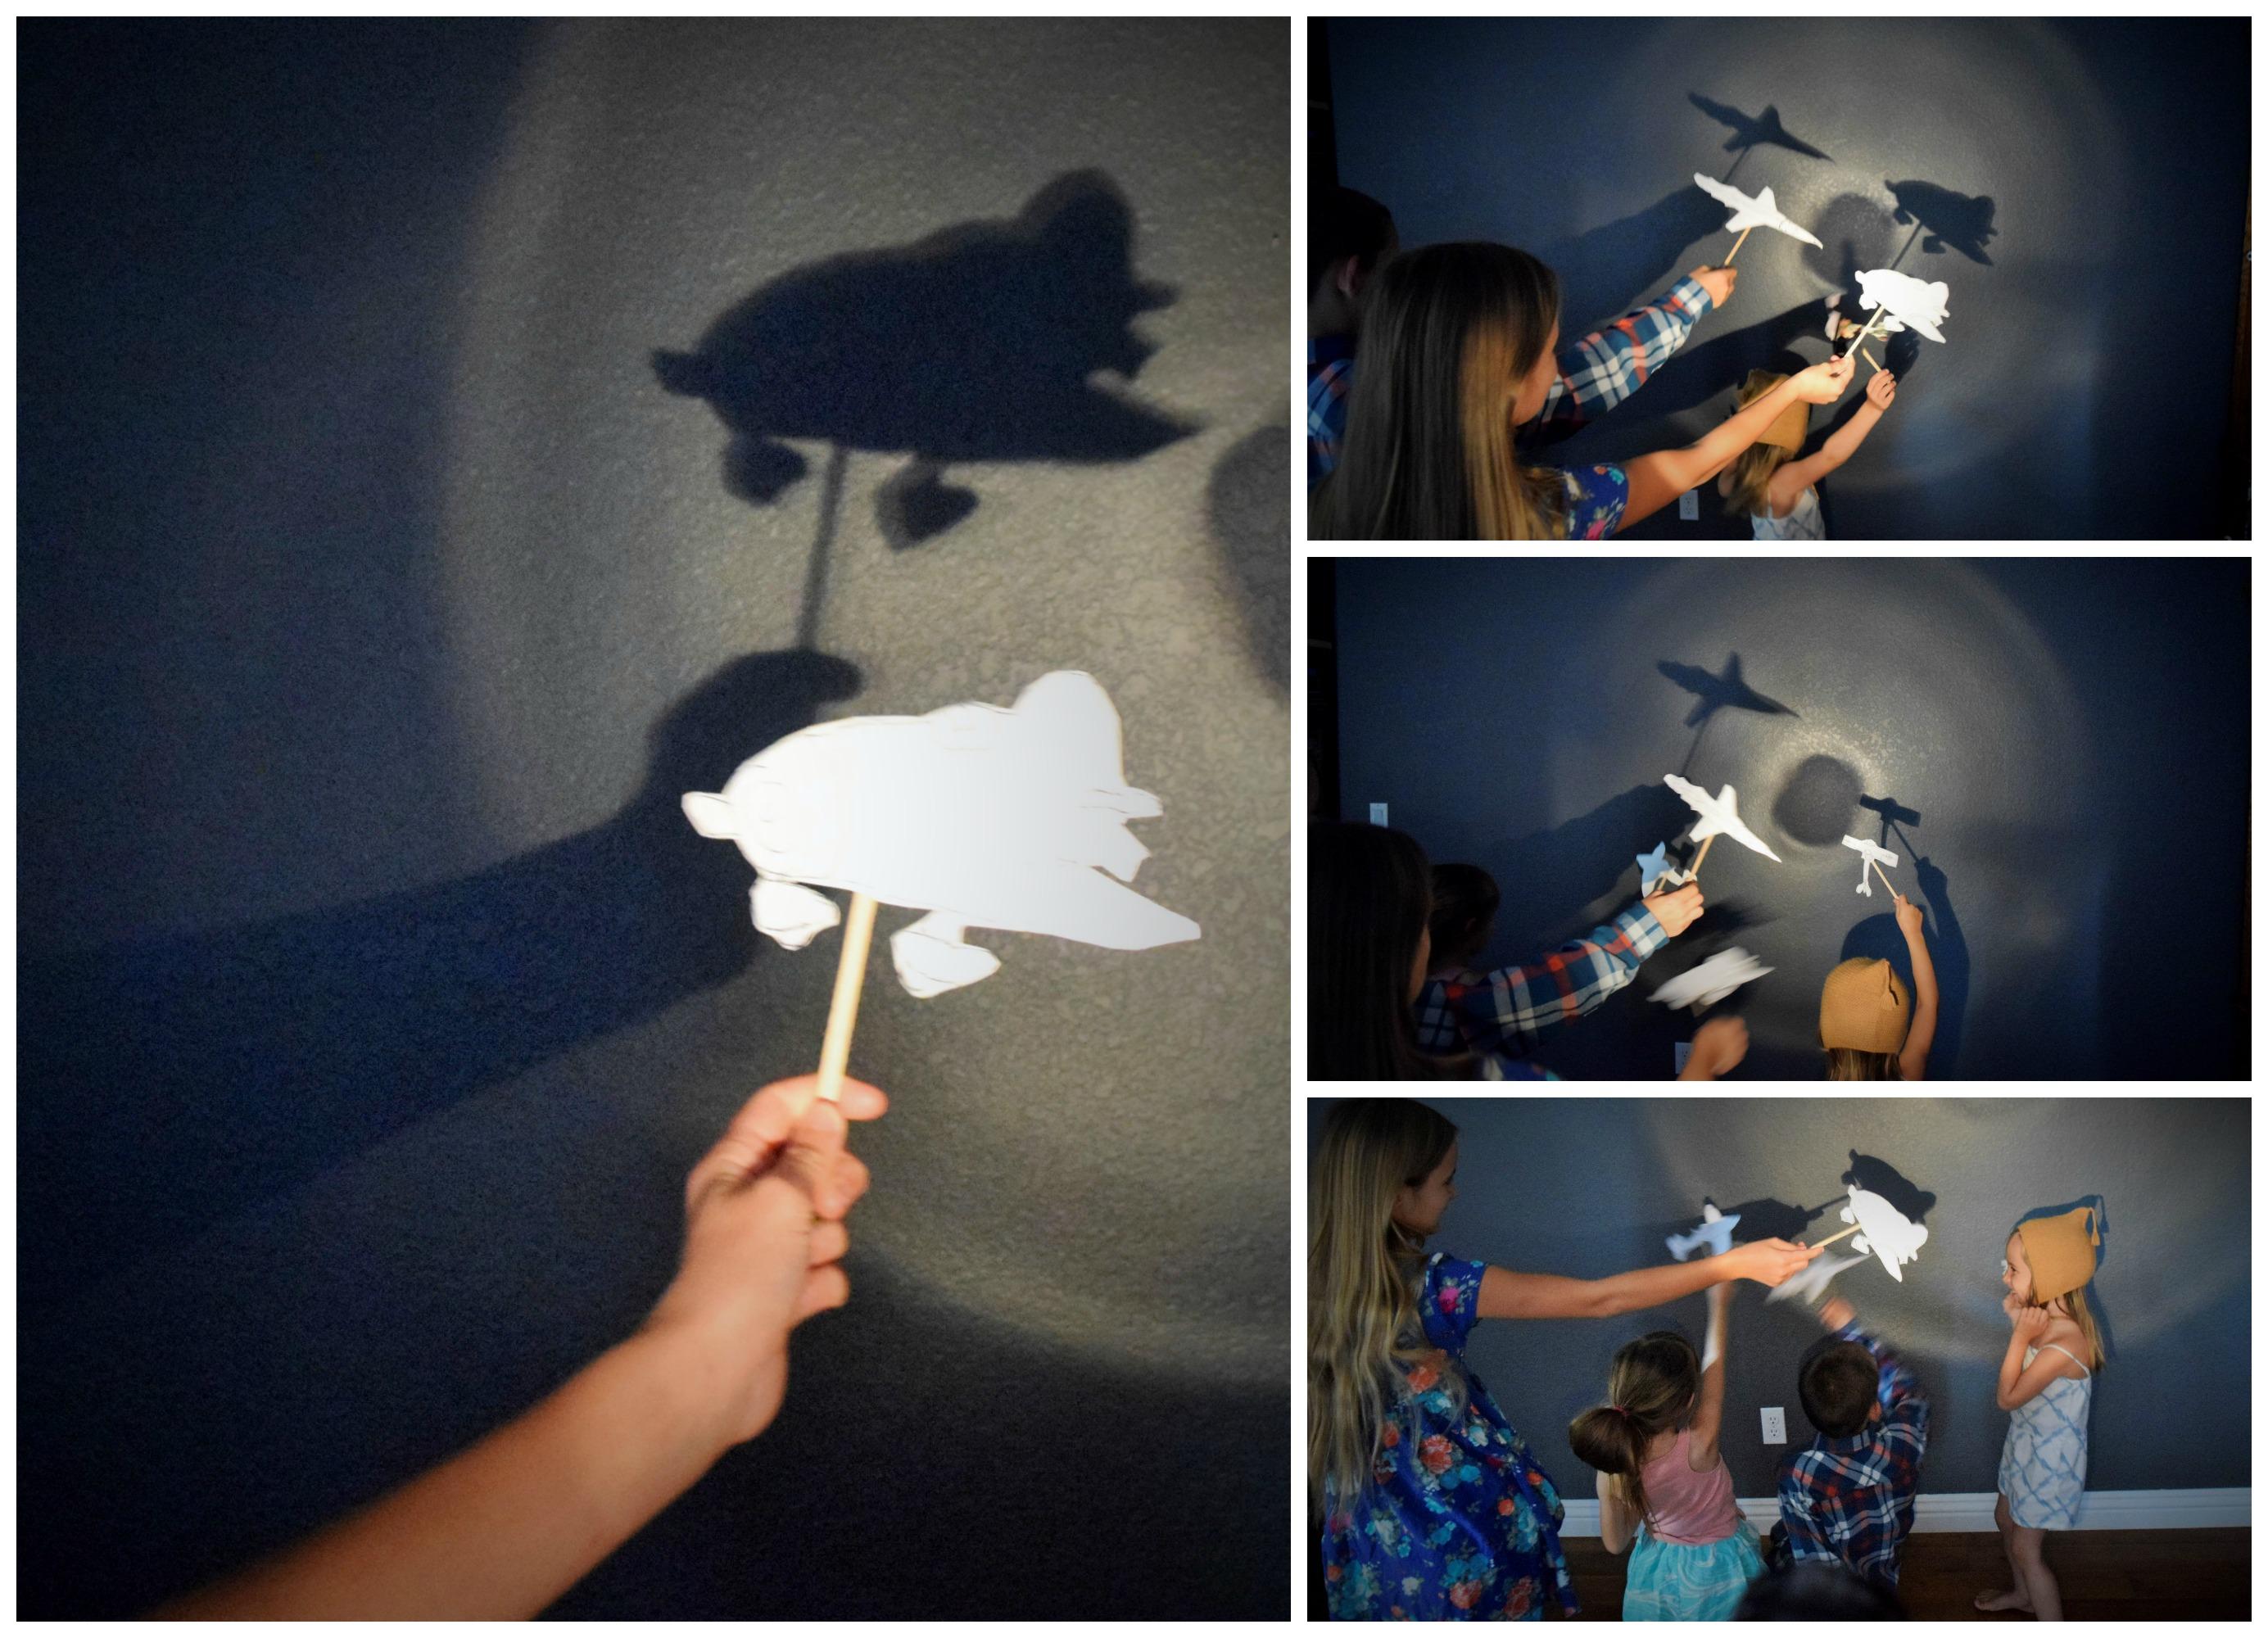 shadow plane